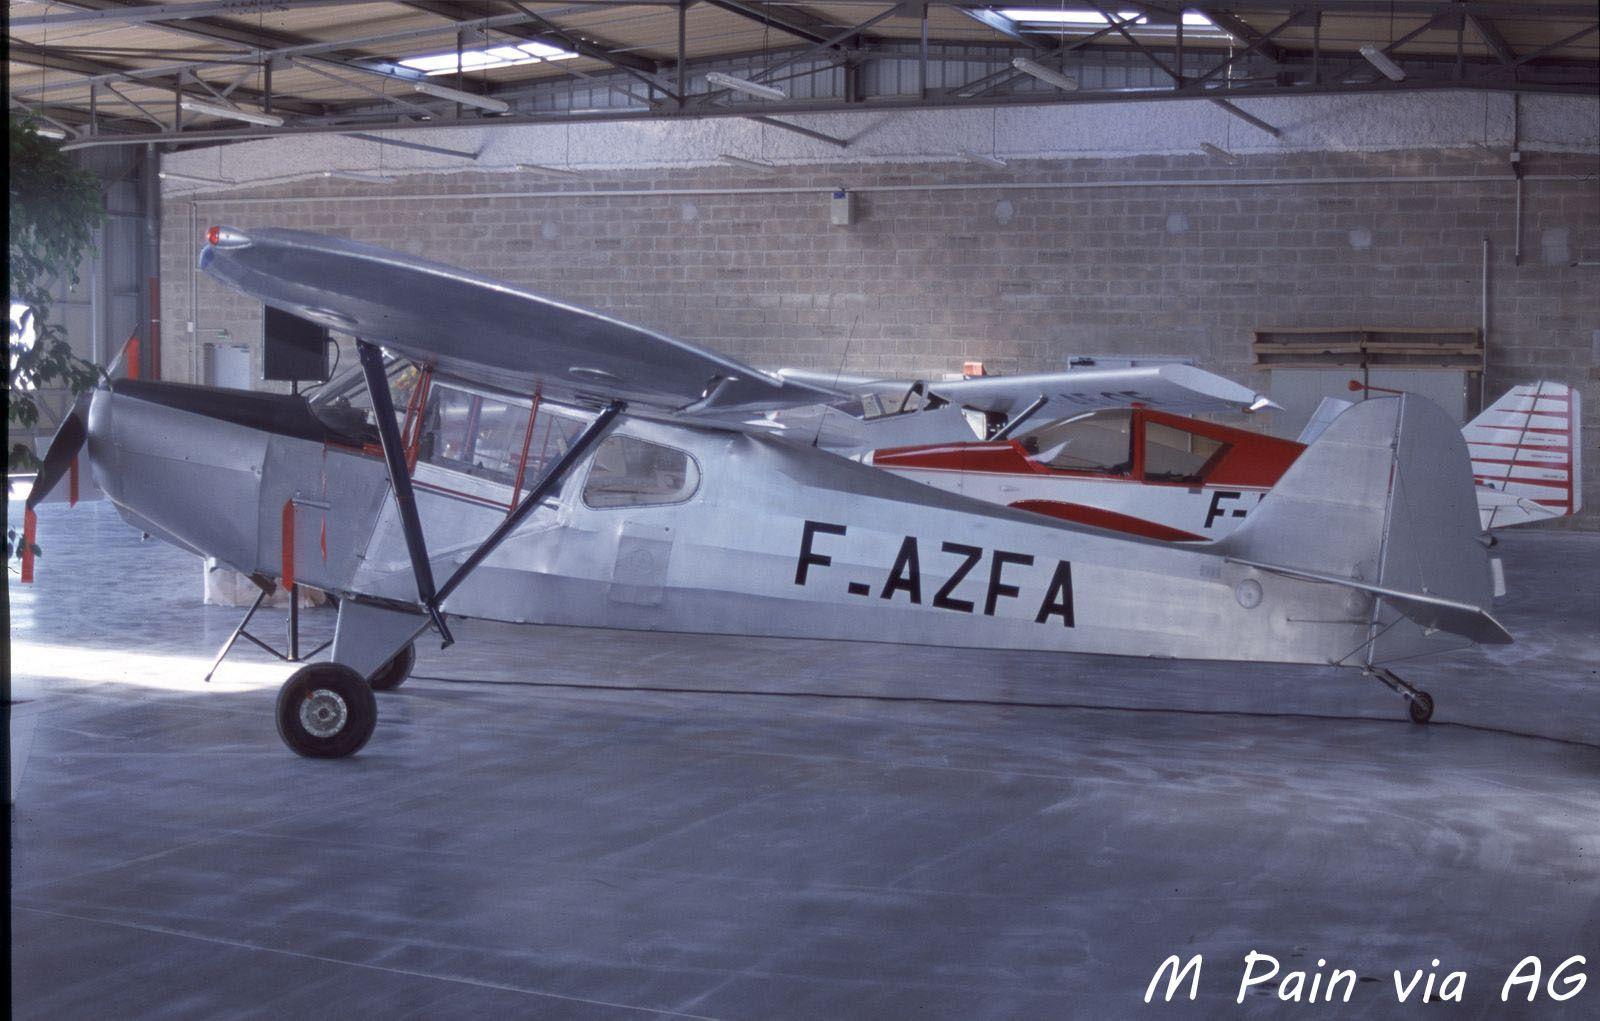 Le Auster J/2 Arrow F-AZFA (Photo: M Pain via AG)